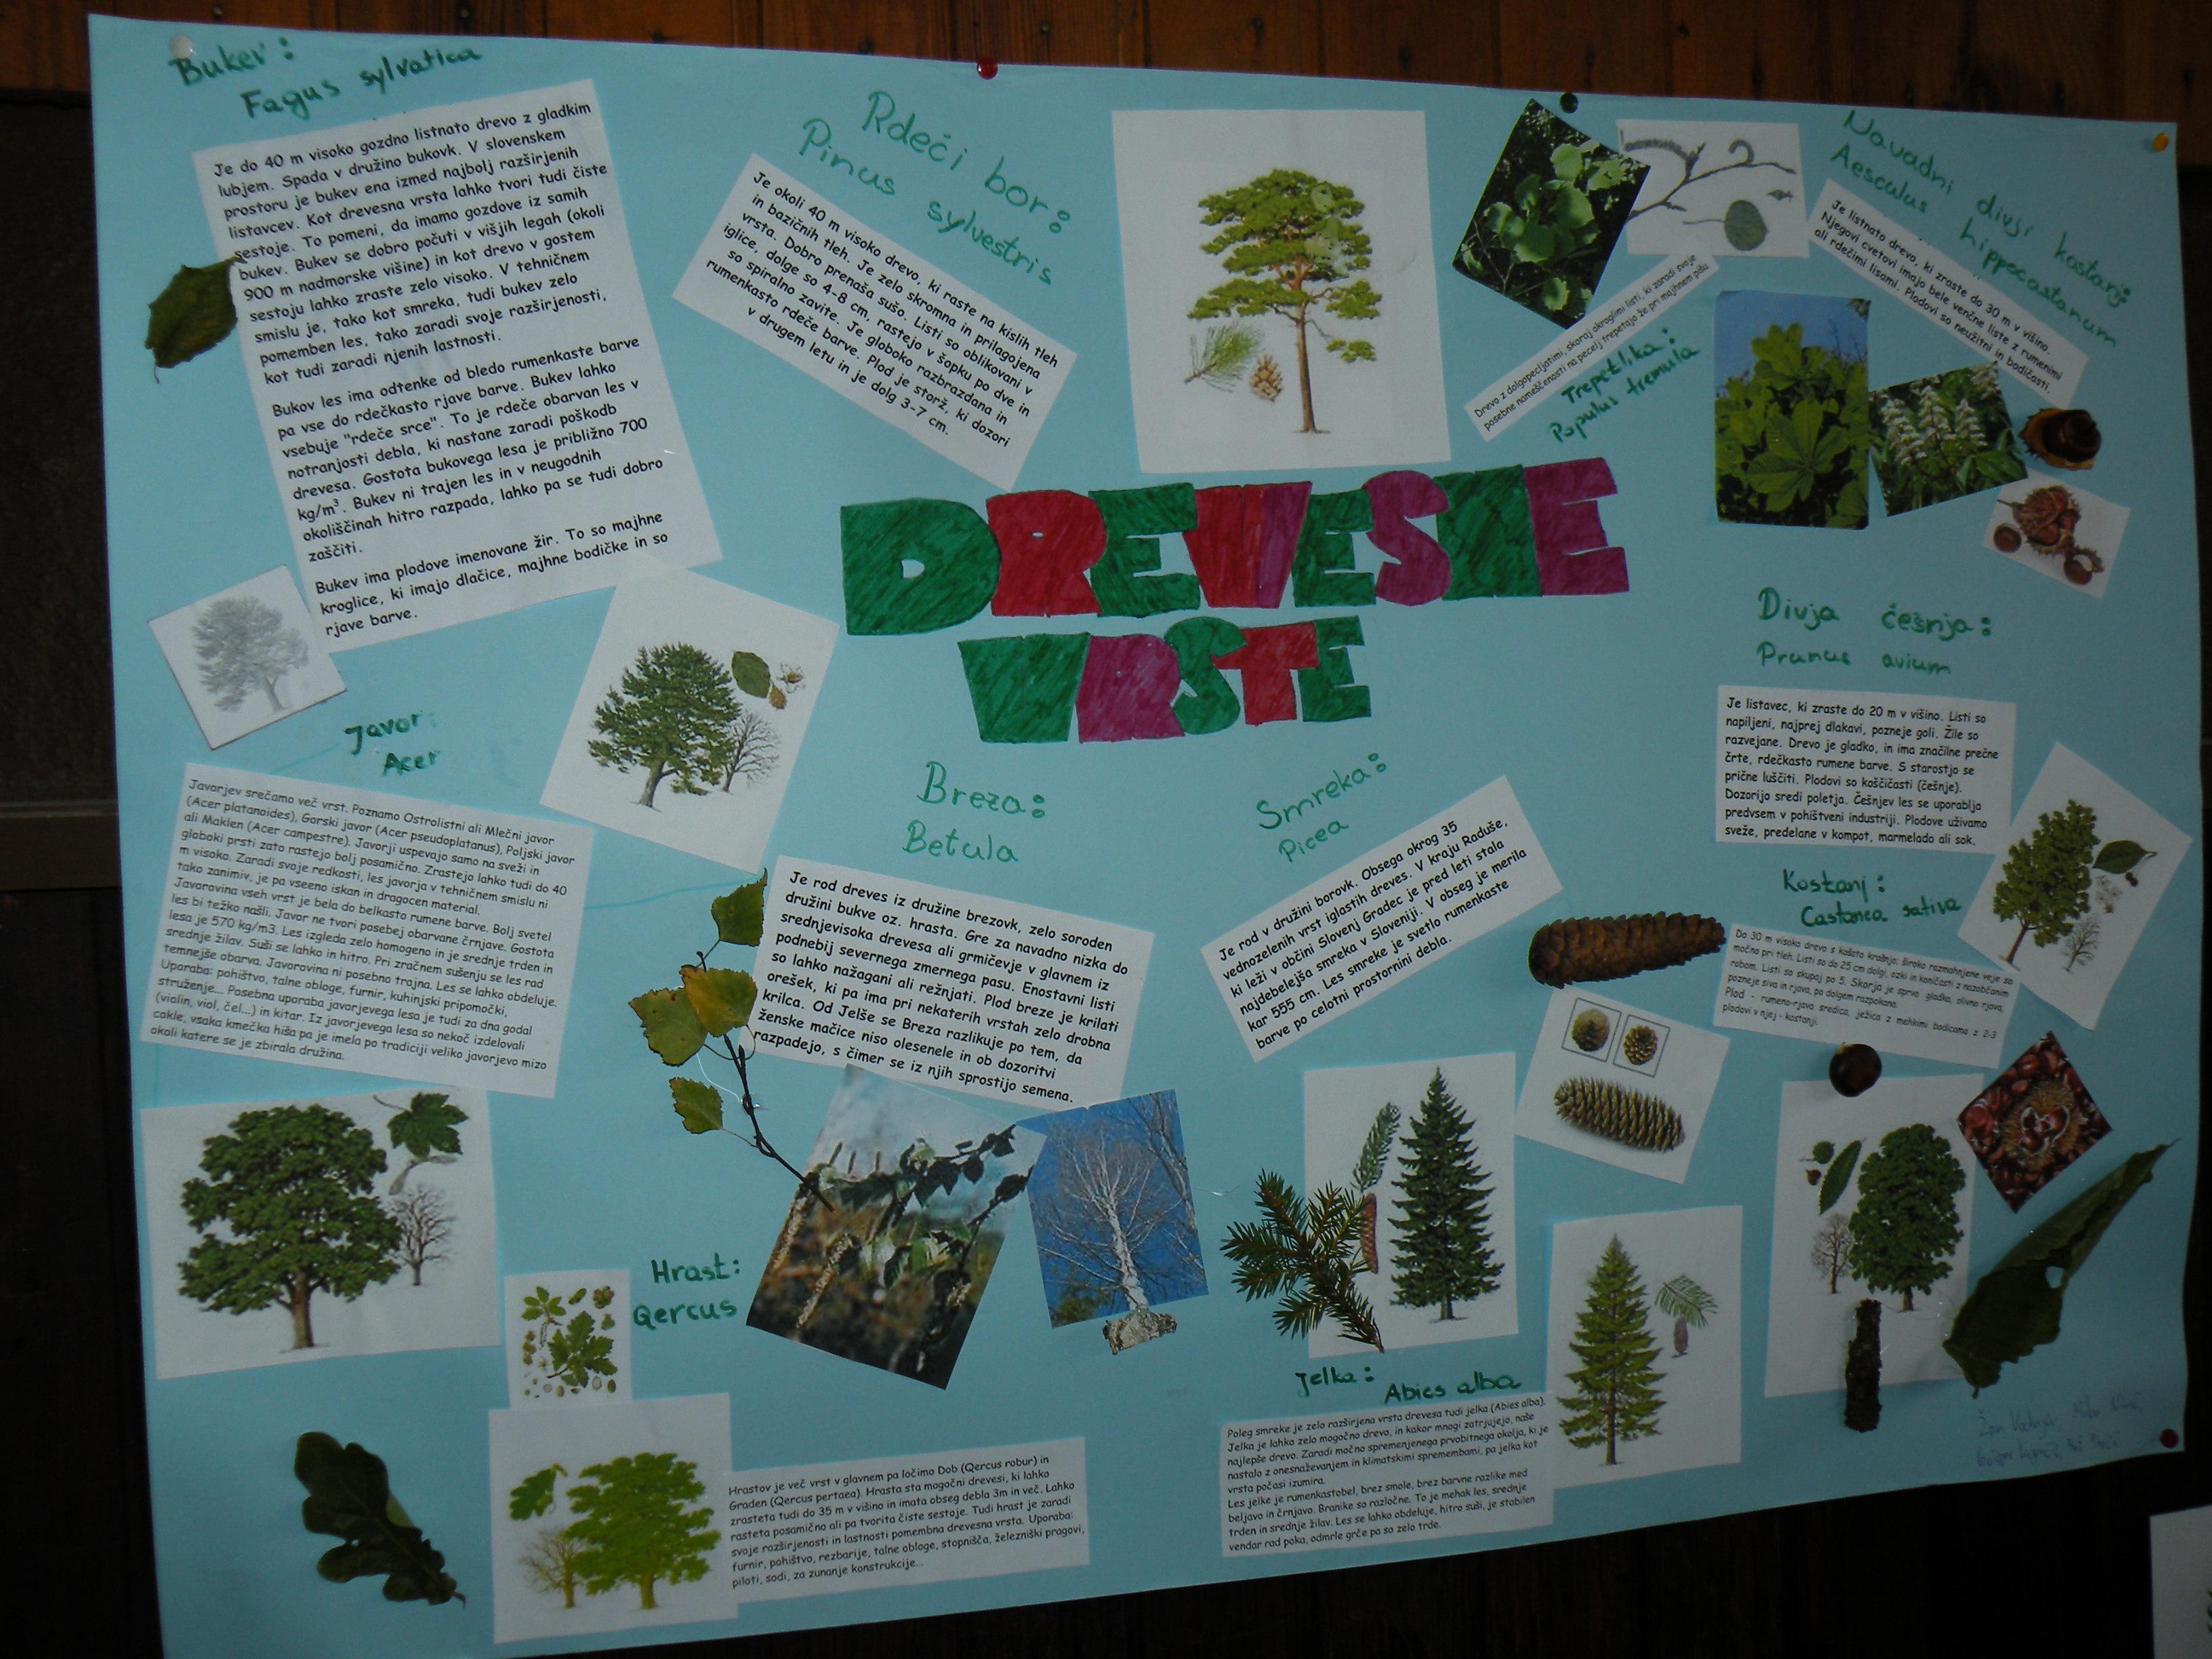 Gozd skriva zdravje in dobrote – odkrijmo jih! – zaključna prireditev